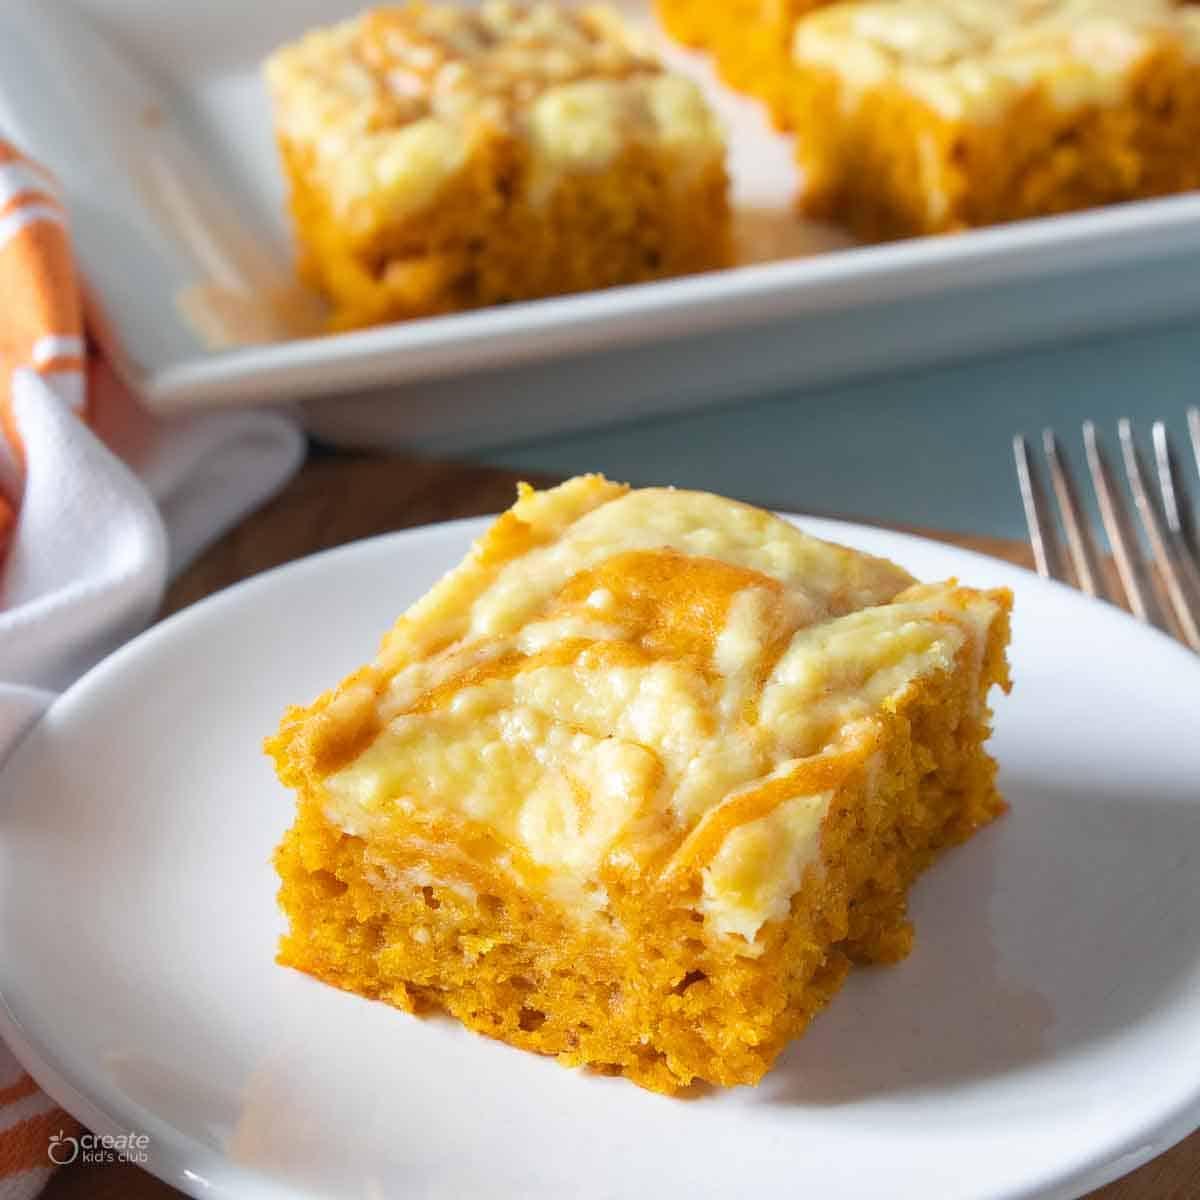 pumpkin bar on plate